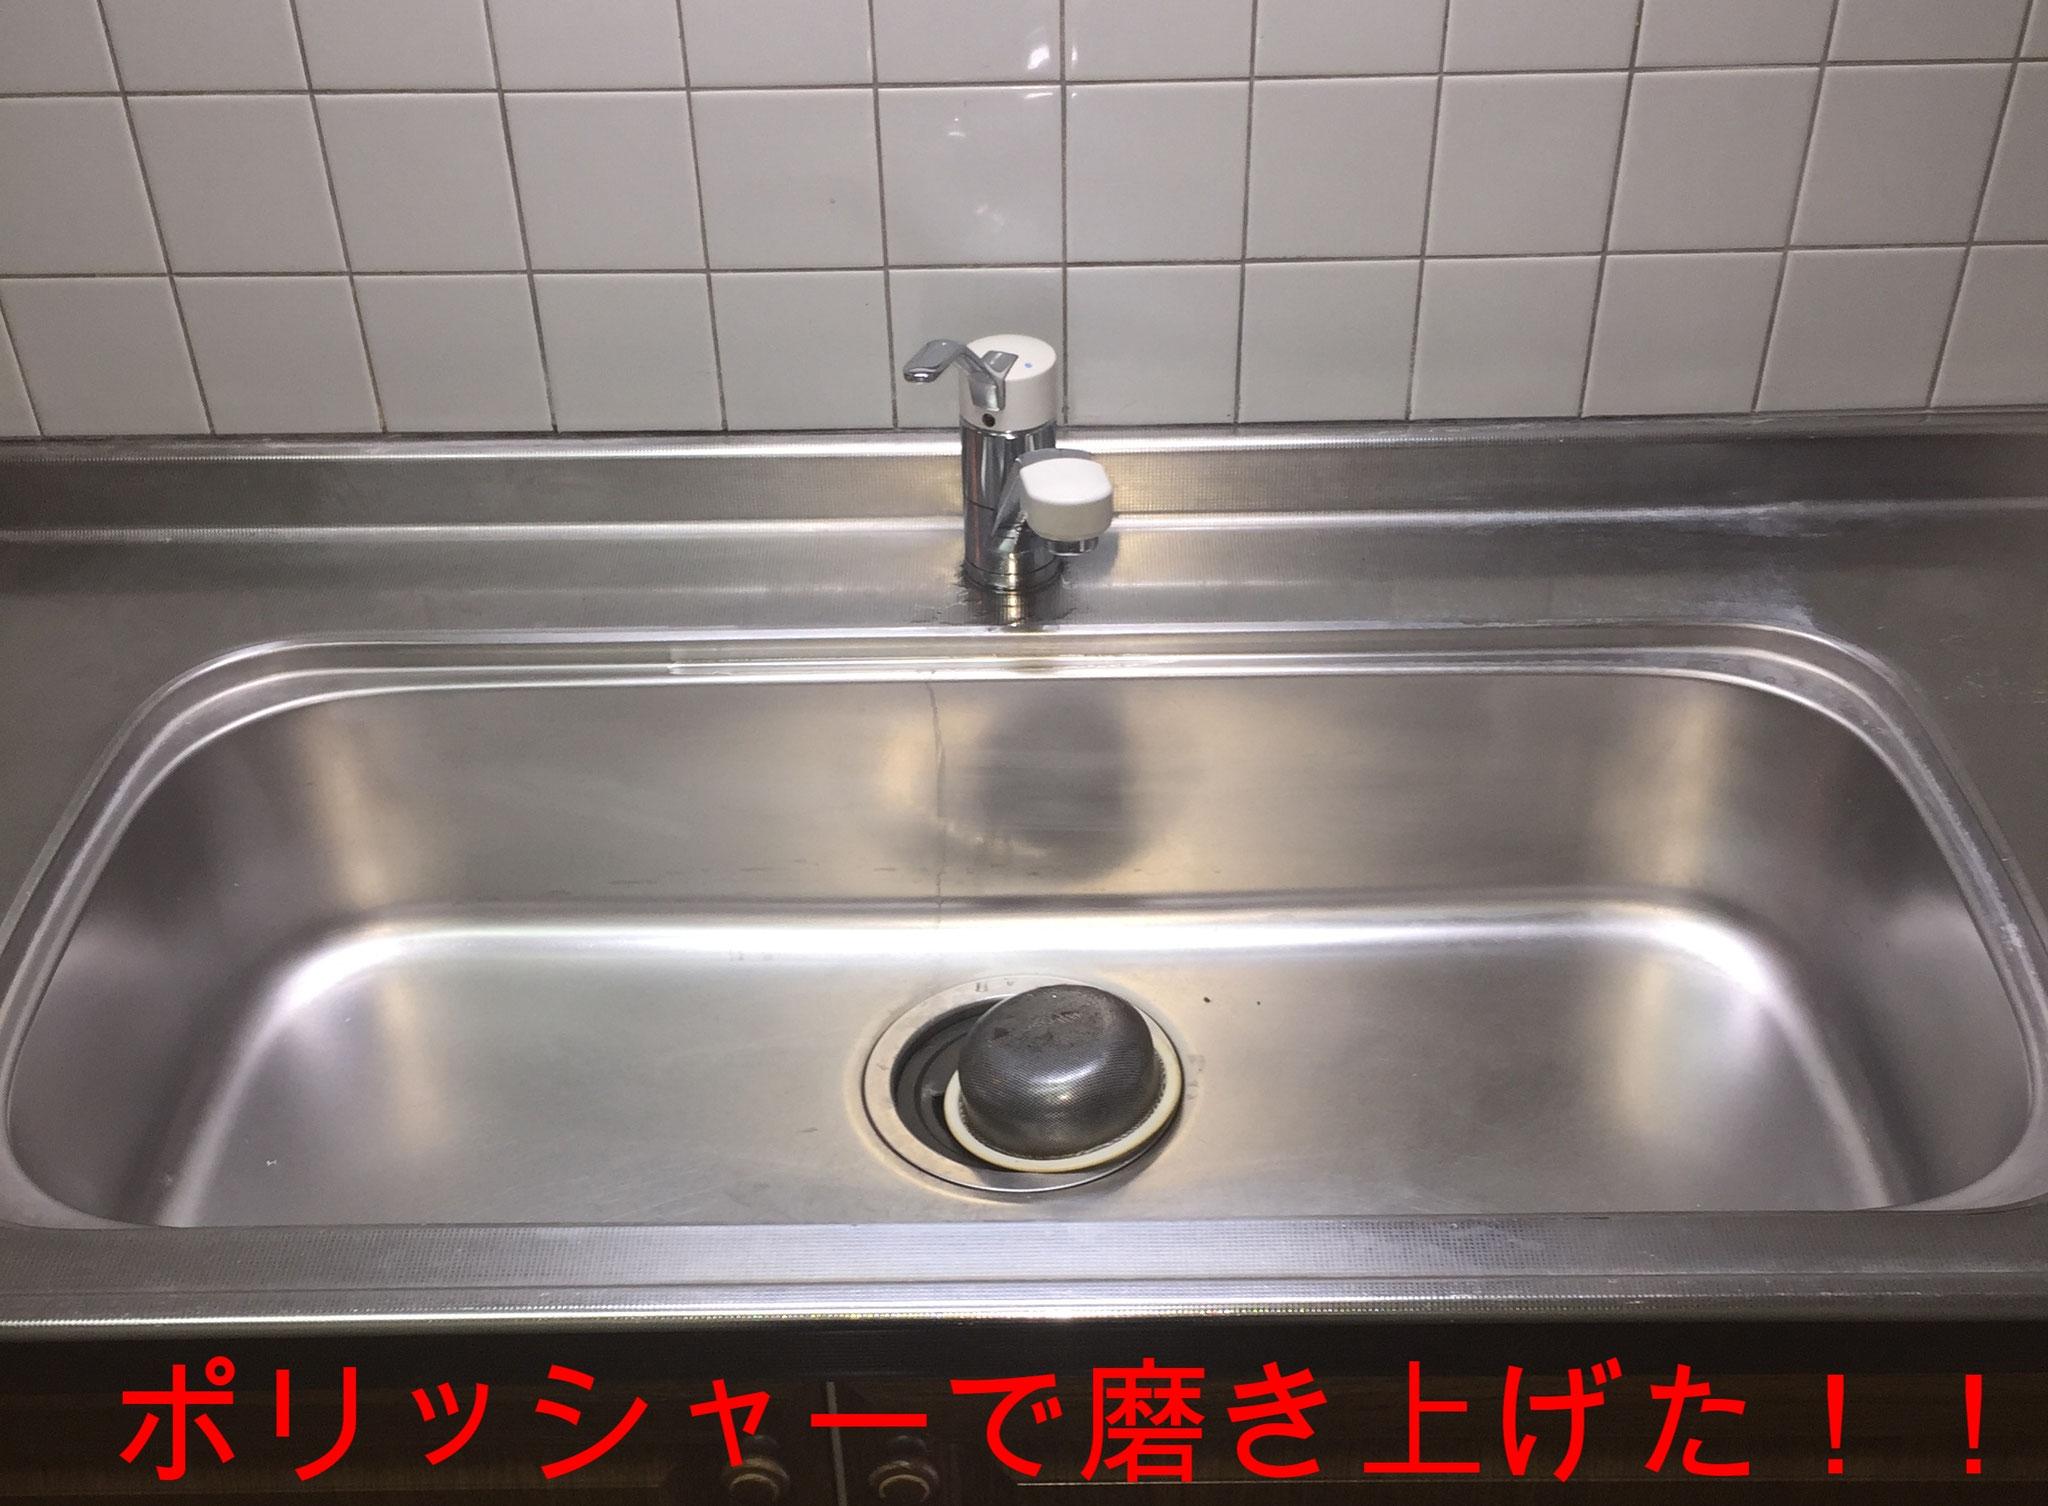 台所シンクは水垢、カビ、ヌメリ、錆(複合よごれ)なので専門の知識がないと時間と手間がかかってしまいます